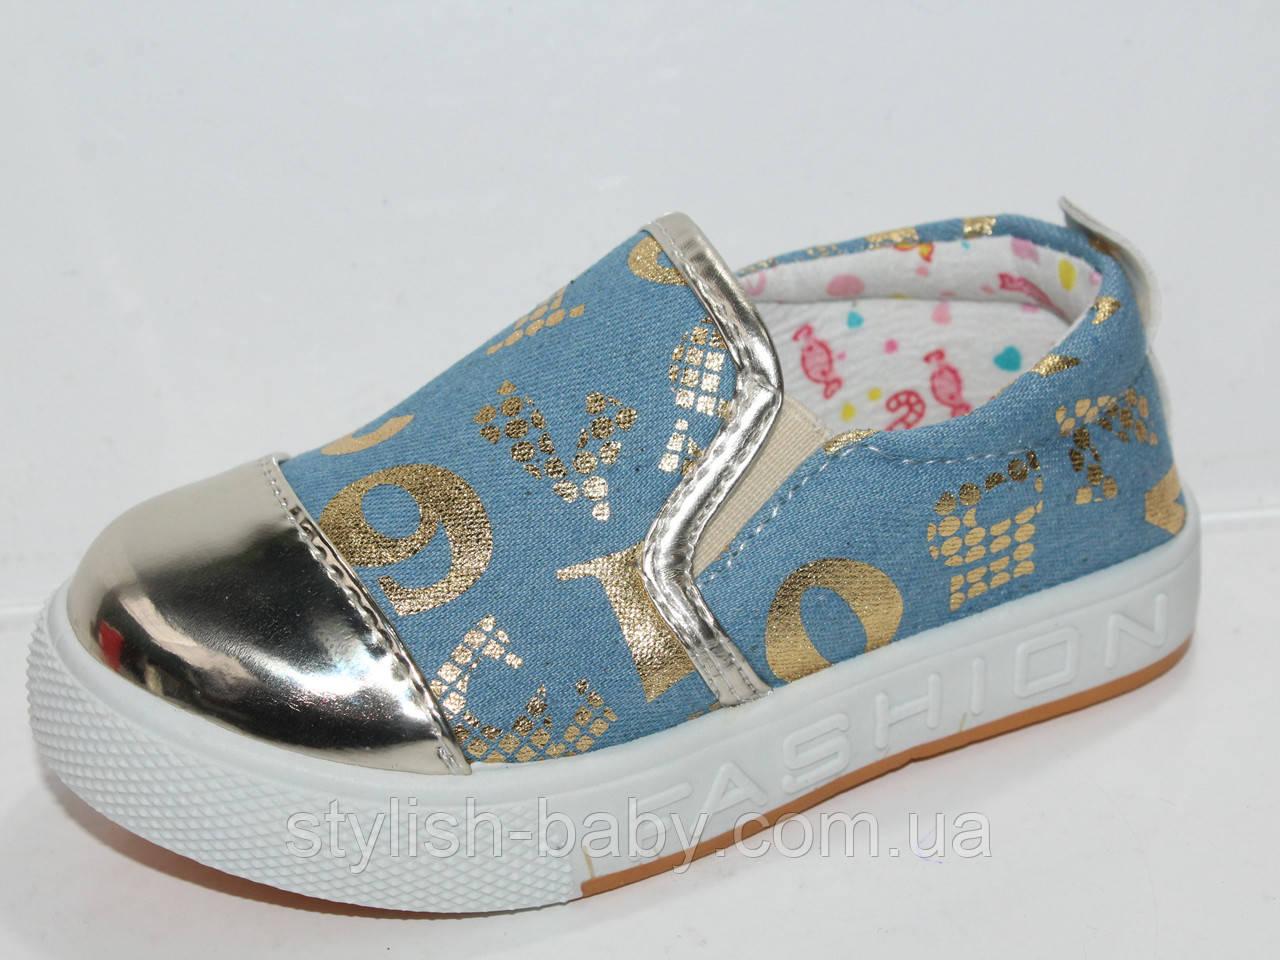 Детская спортивная обувь. Детские кеды бренда С.Луч для девочек (рр. с 25 по 30)